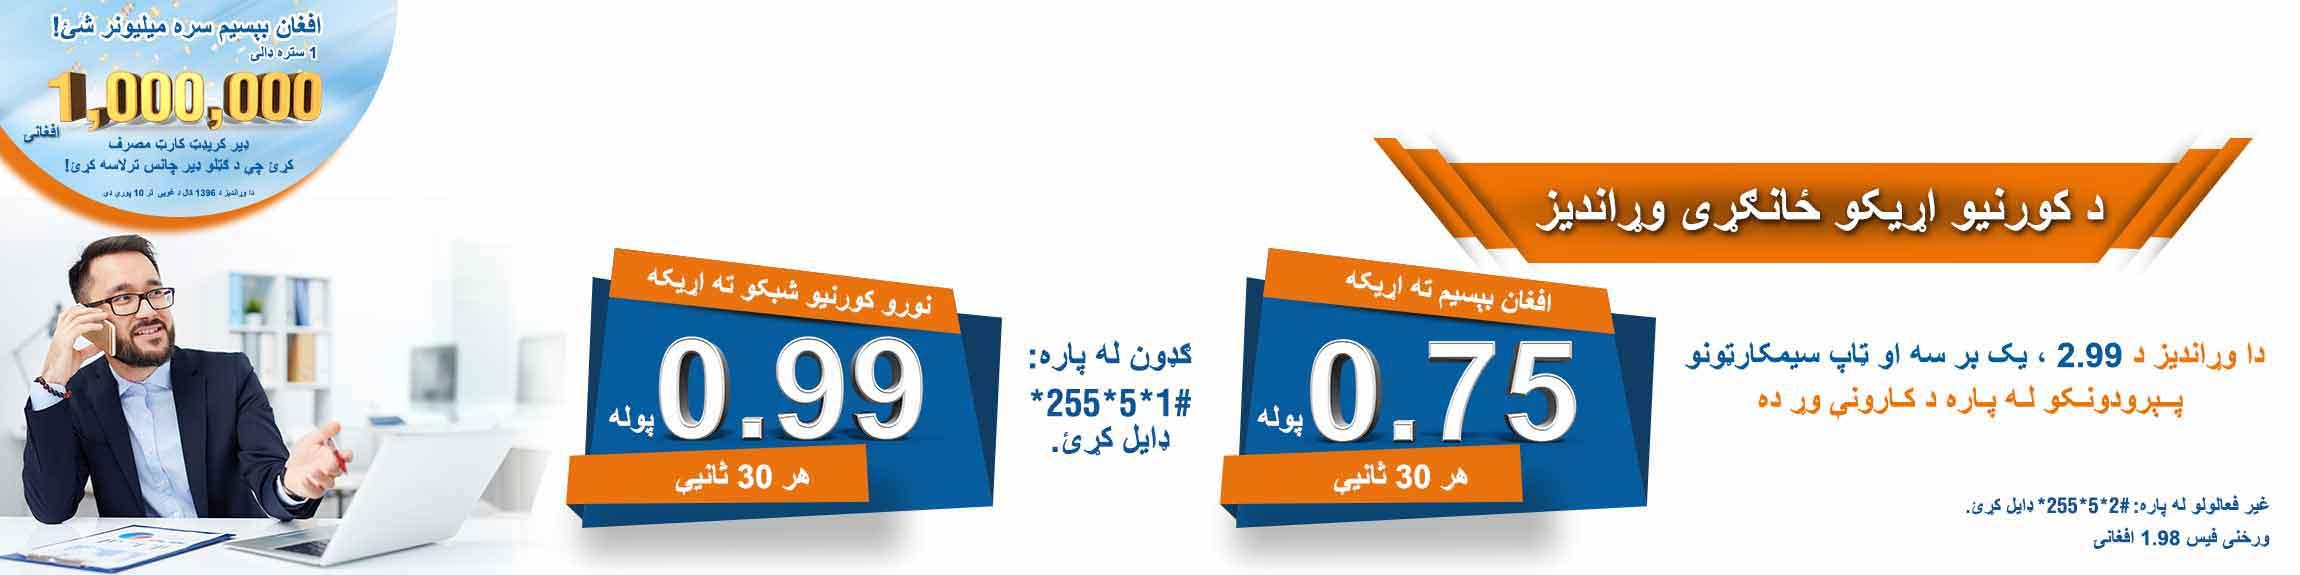 allnet-Pashto-website